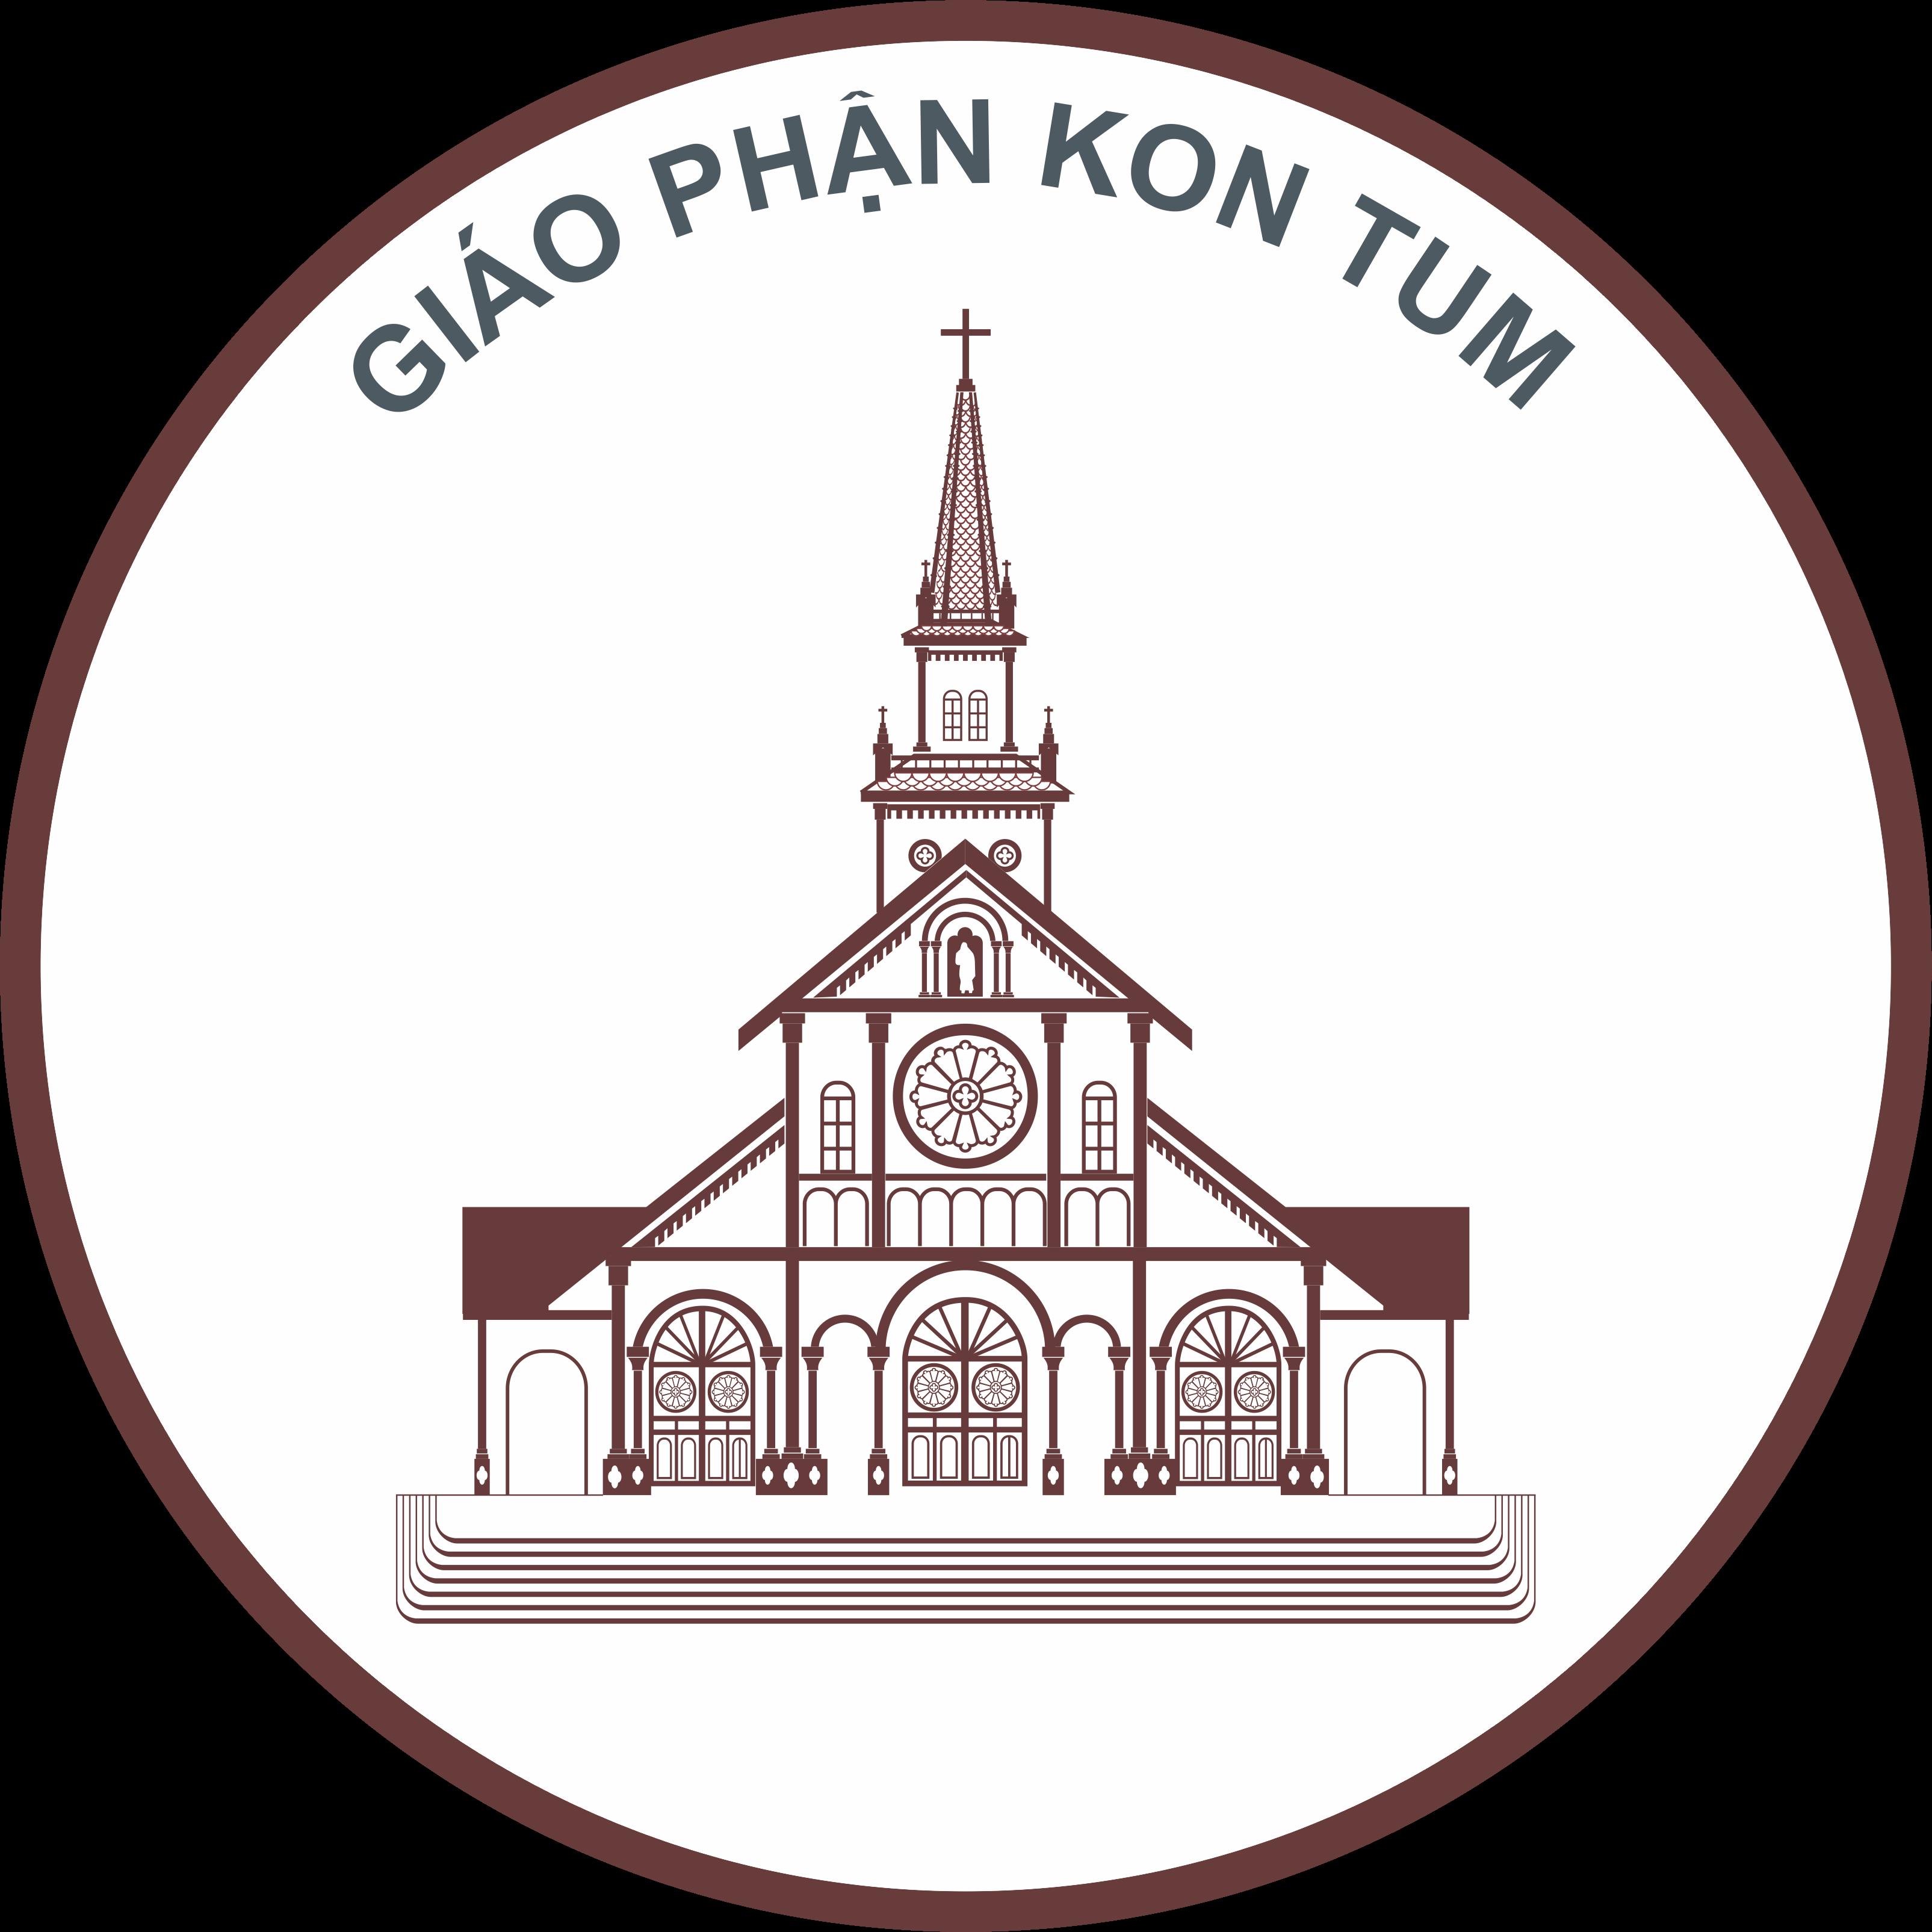 Giáo Phận Kon Tum